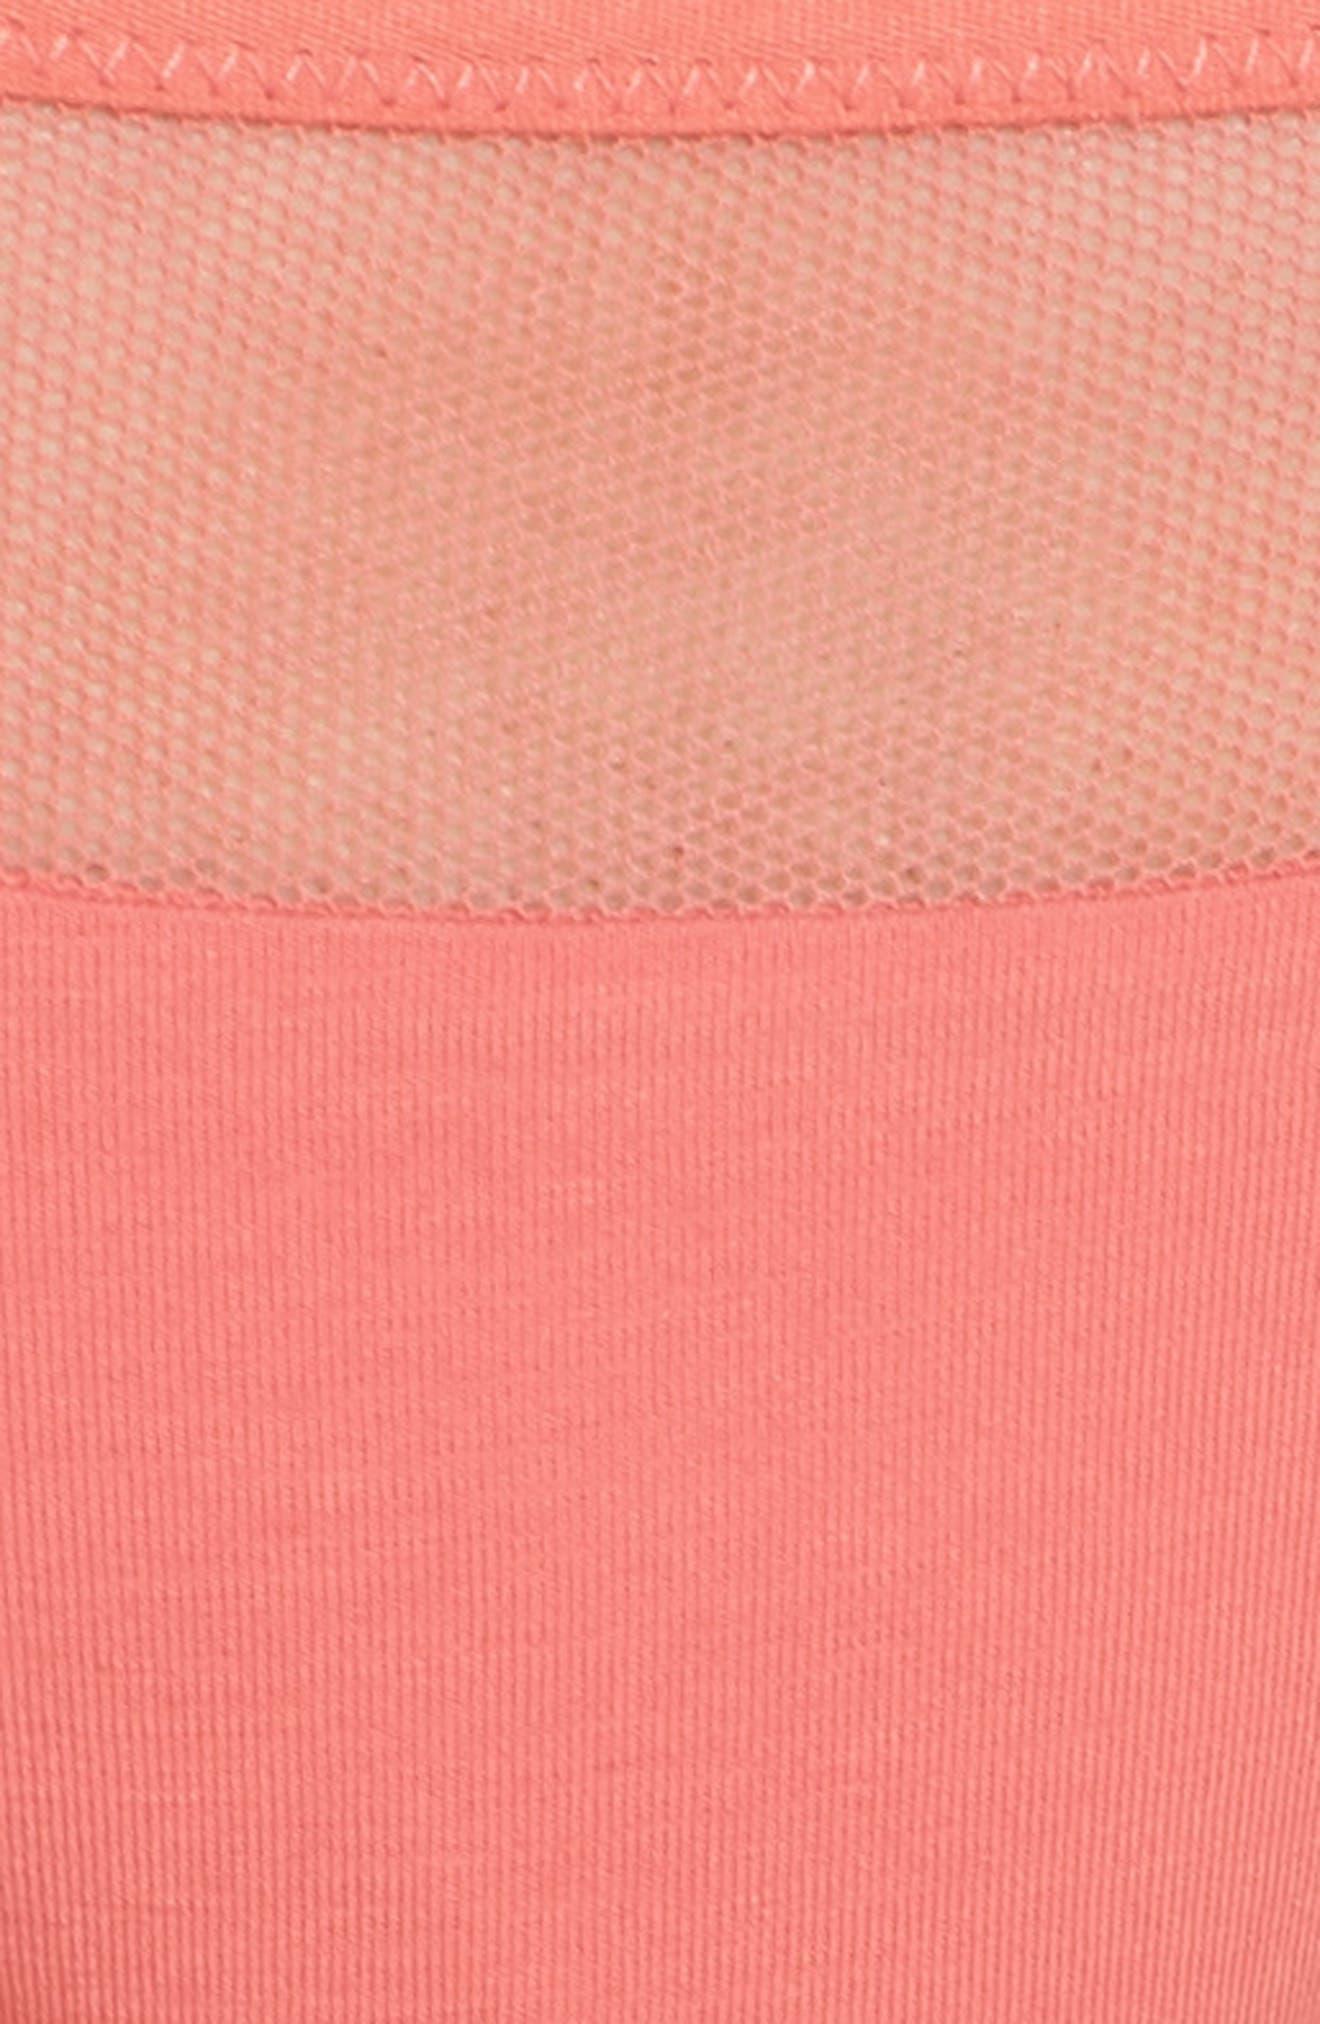 Onyx Tulle Bikini,                             Alternate thumbnail 5, color,